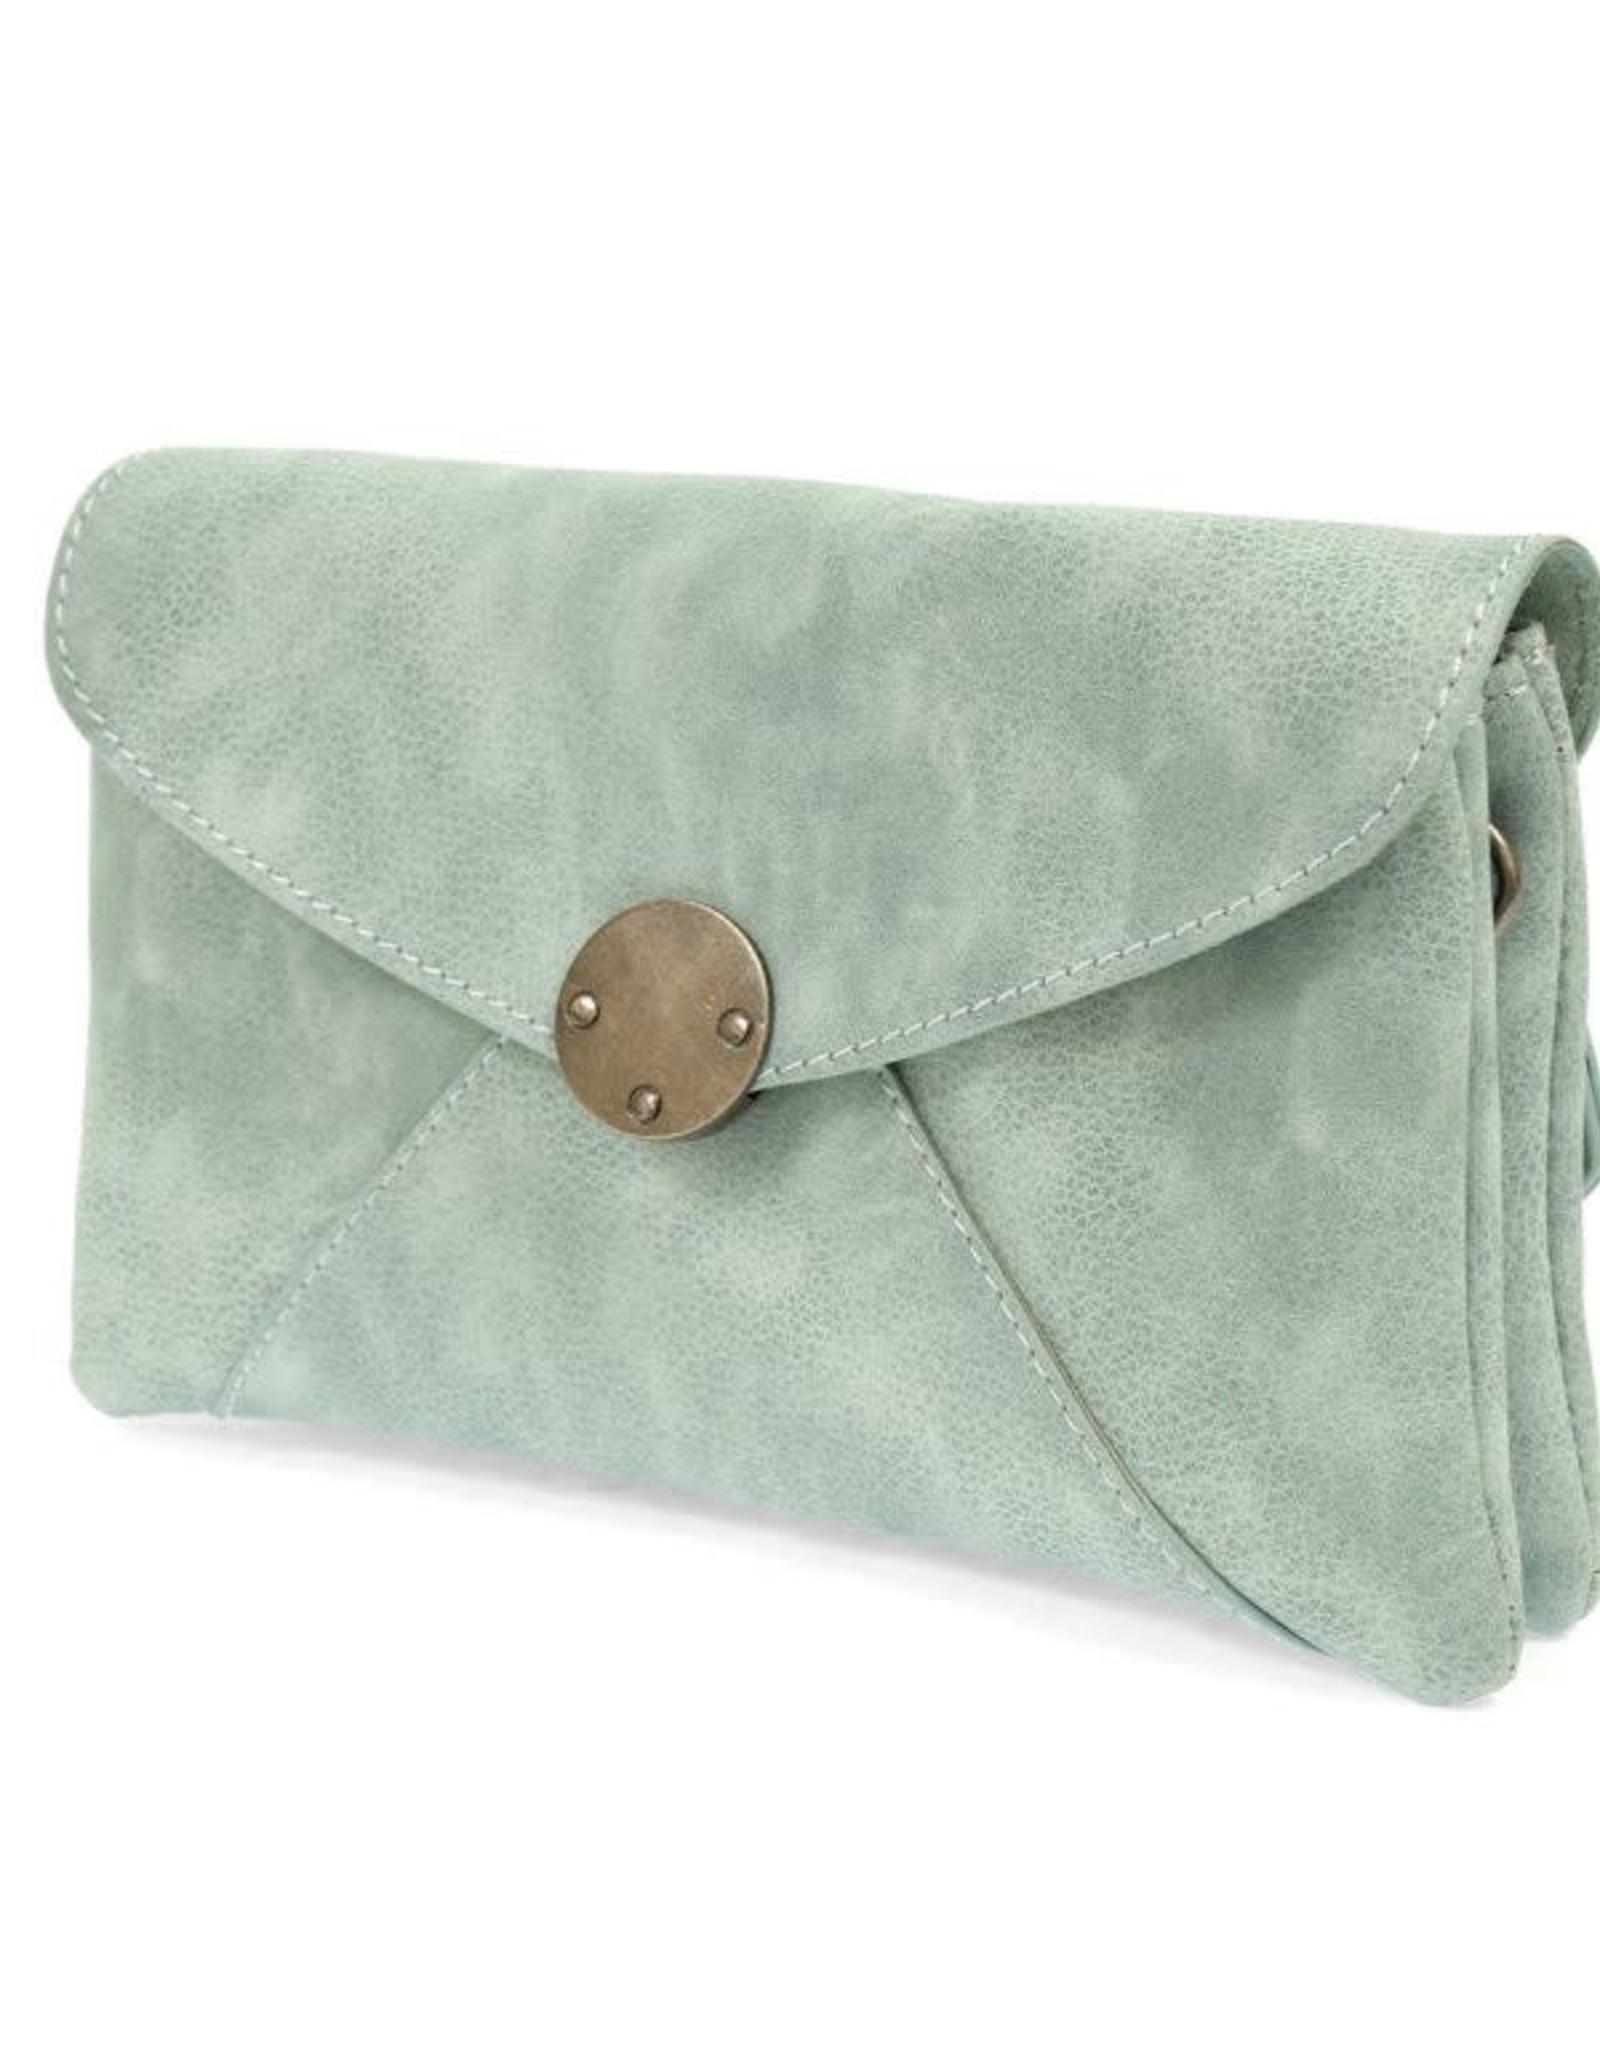 Joy Susan Accessories Crossbody Venessa Handbag